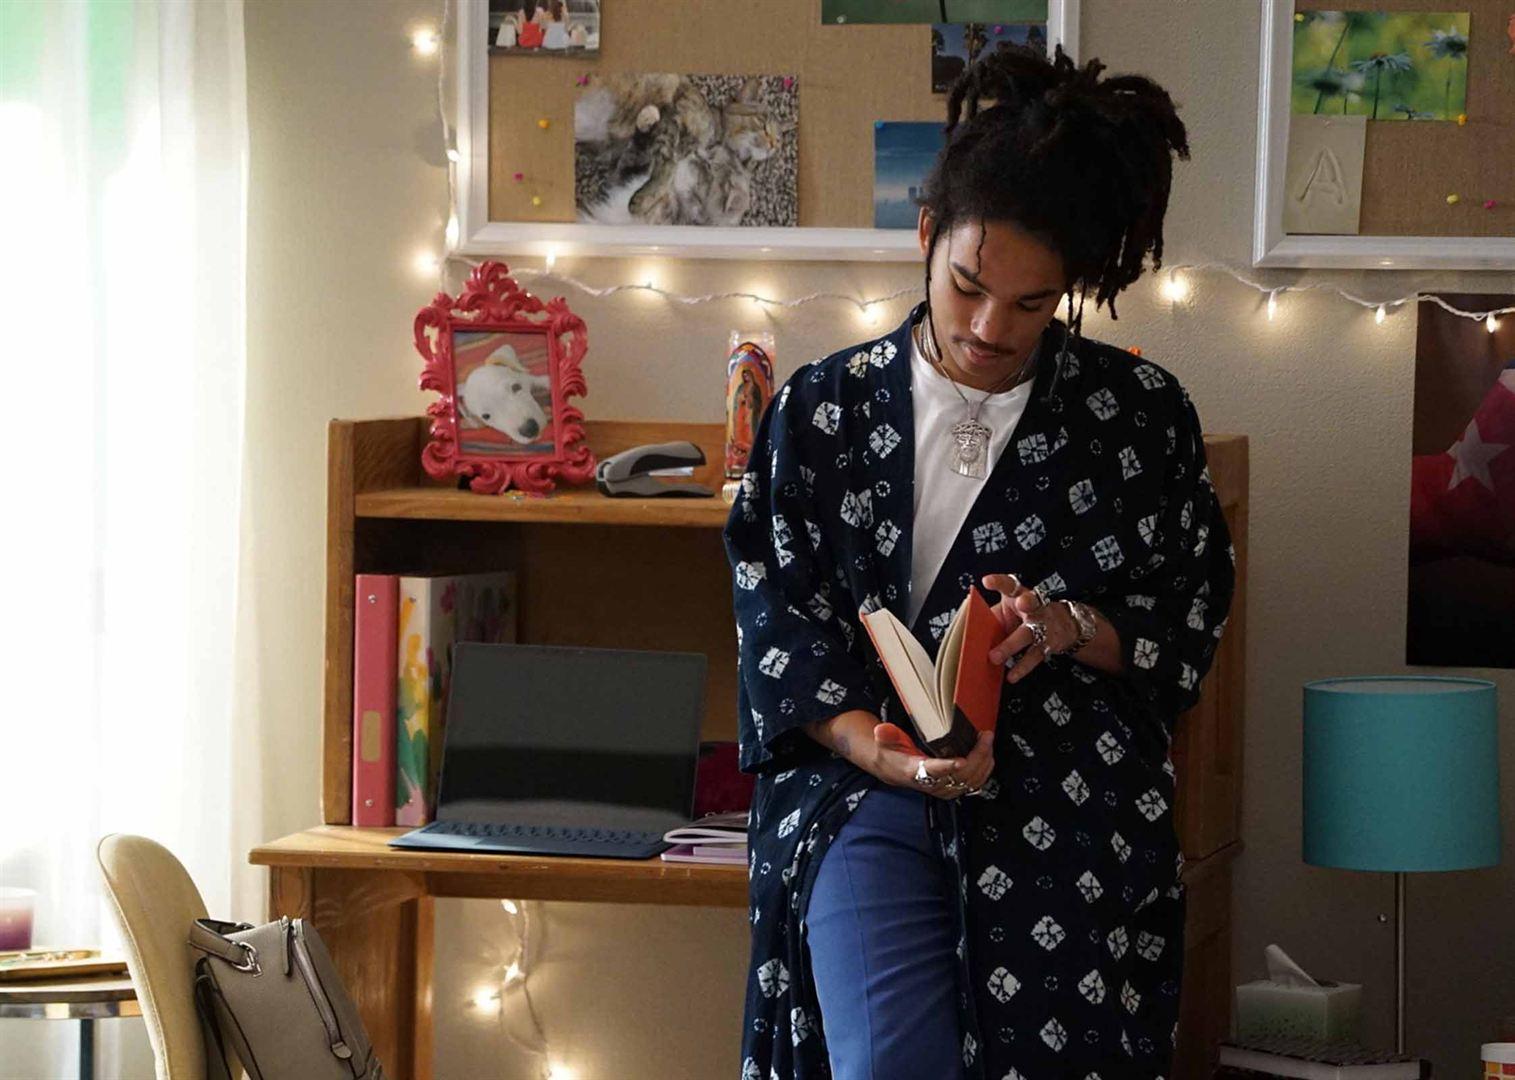 Cena de grown-ish. Nela está um garoto negro de cabelo estilo dread preso em cima da cabeça. Ele usa um quimono azul estampado por cima de uma blusa branca e calça jeans. Segurando um livro de capa laranja, o menino está encostado em uma mesinha. No fundo há diversos materiais escolares e uma parede decorada por fotos e luzes pisca pisca.